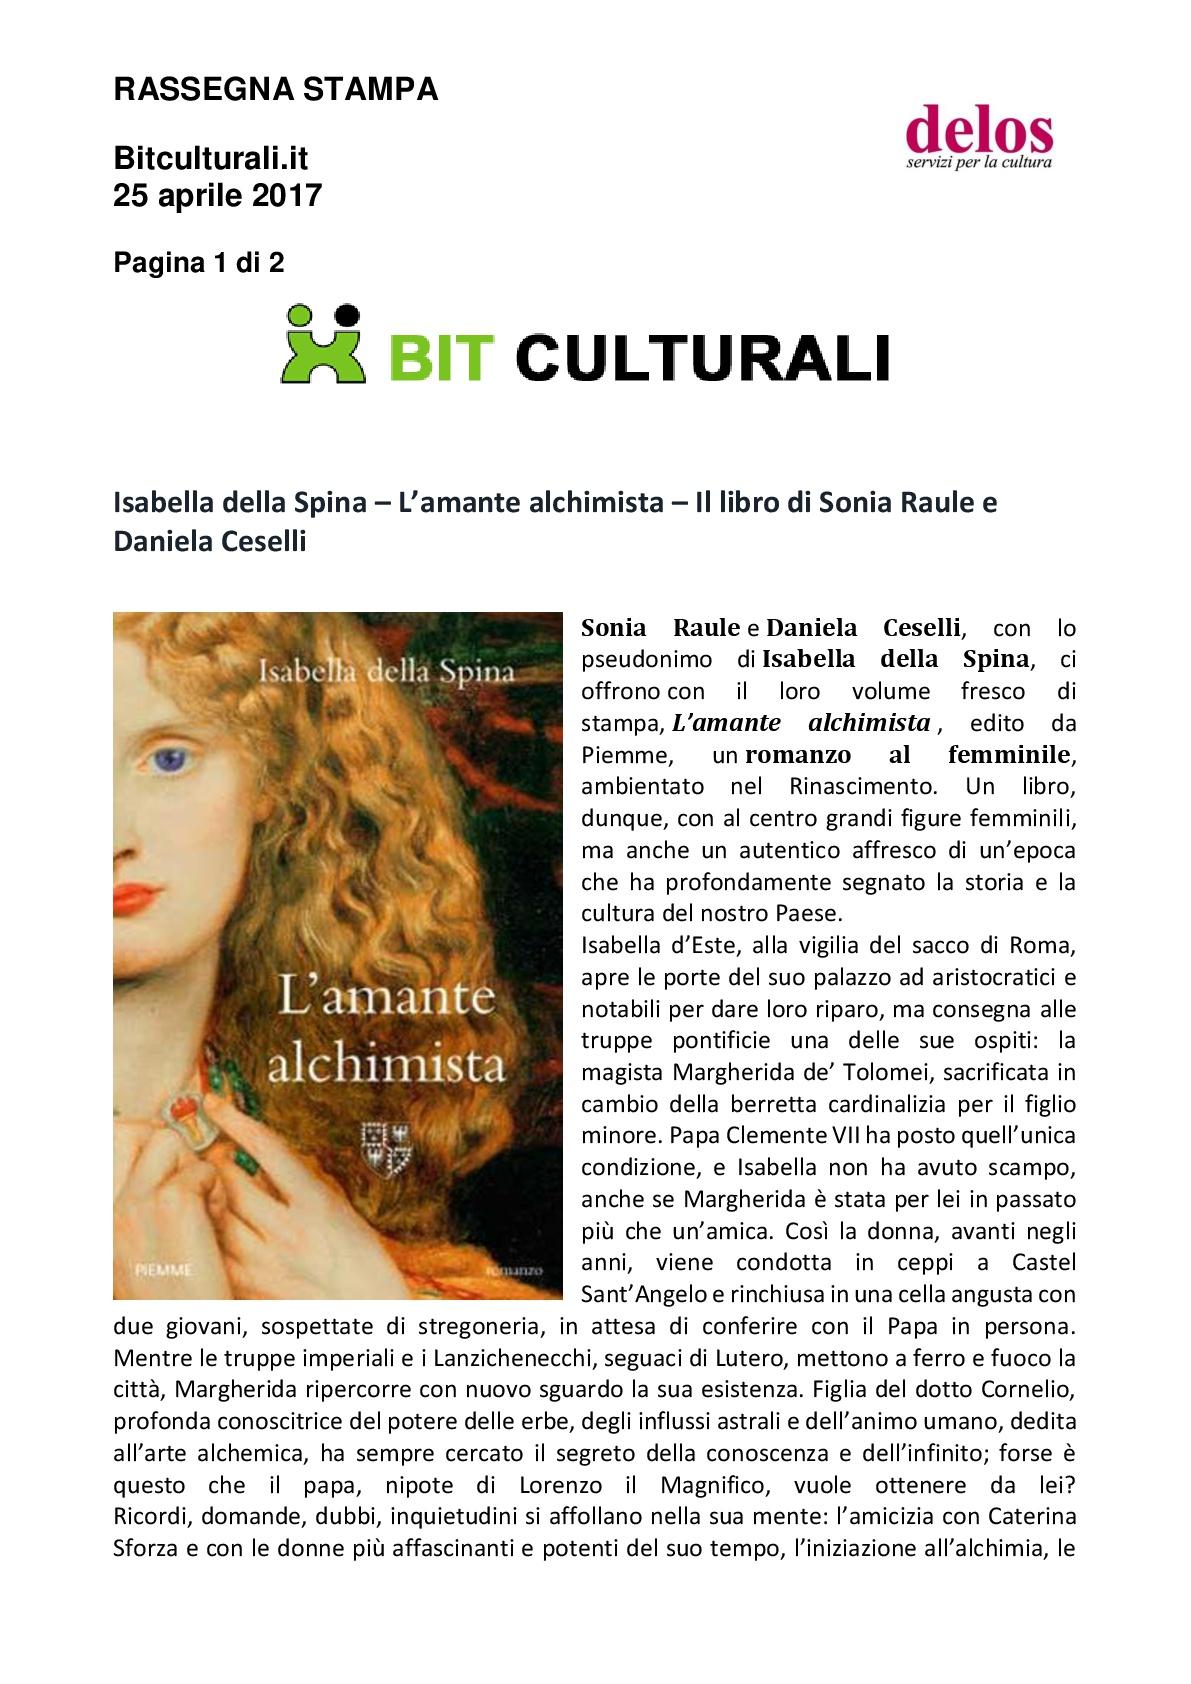 Bitculturali.it 25-04-2017 001